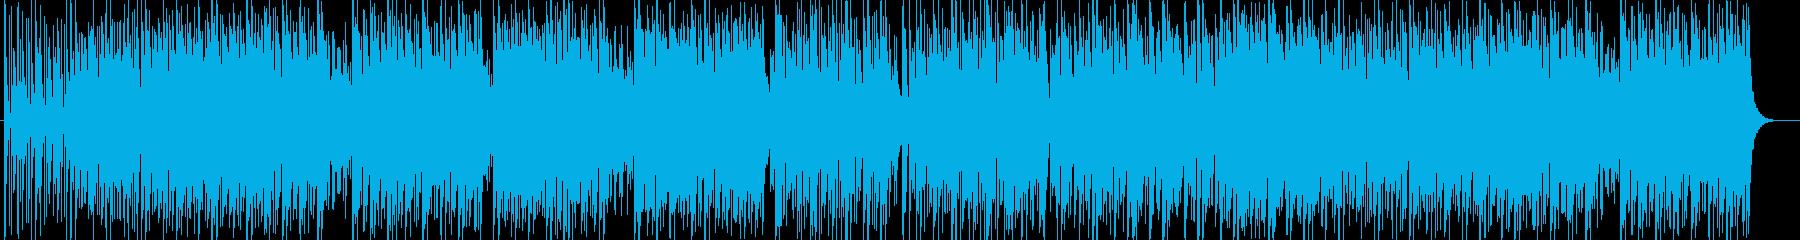 メキシコ民謡をサンバにの再生済みの波形